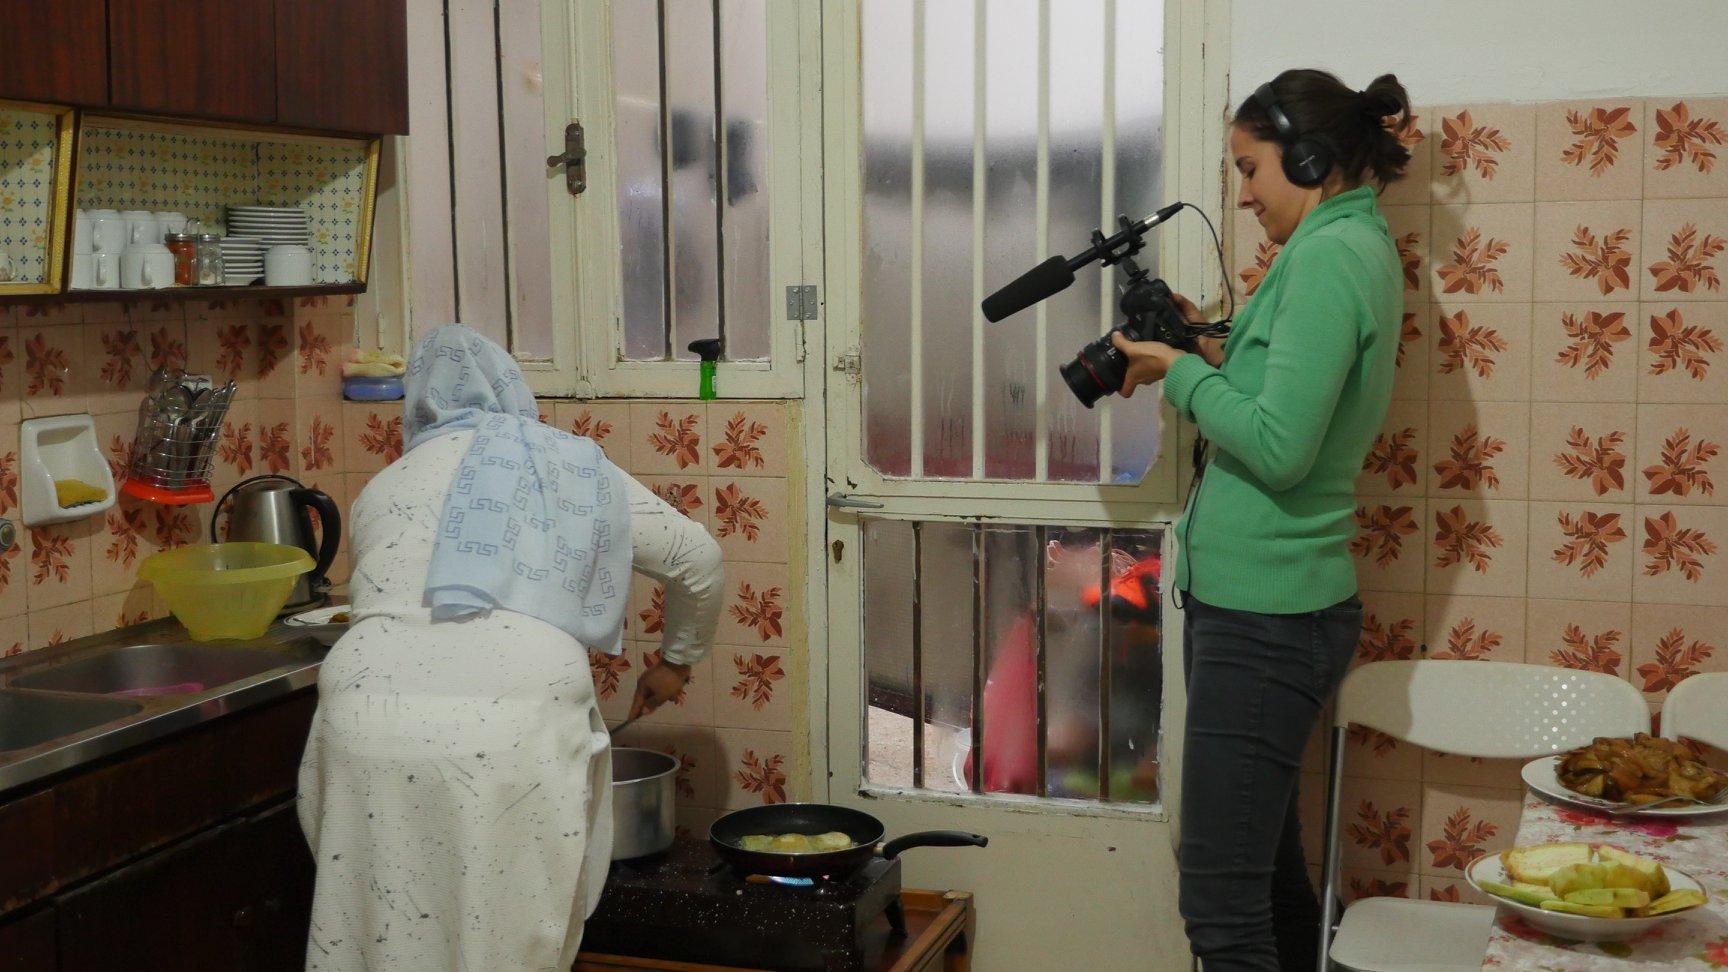 καλλιτέχνιδα Jana Koelmel εν δράσει, ενώ καταγράφει στιγμές από τη ζωή μιας Αφγανής μετανάστριας στην κατοικία της στην Αθήνα.